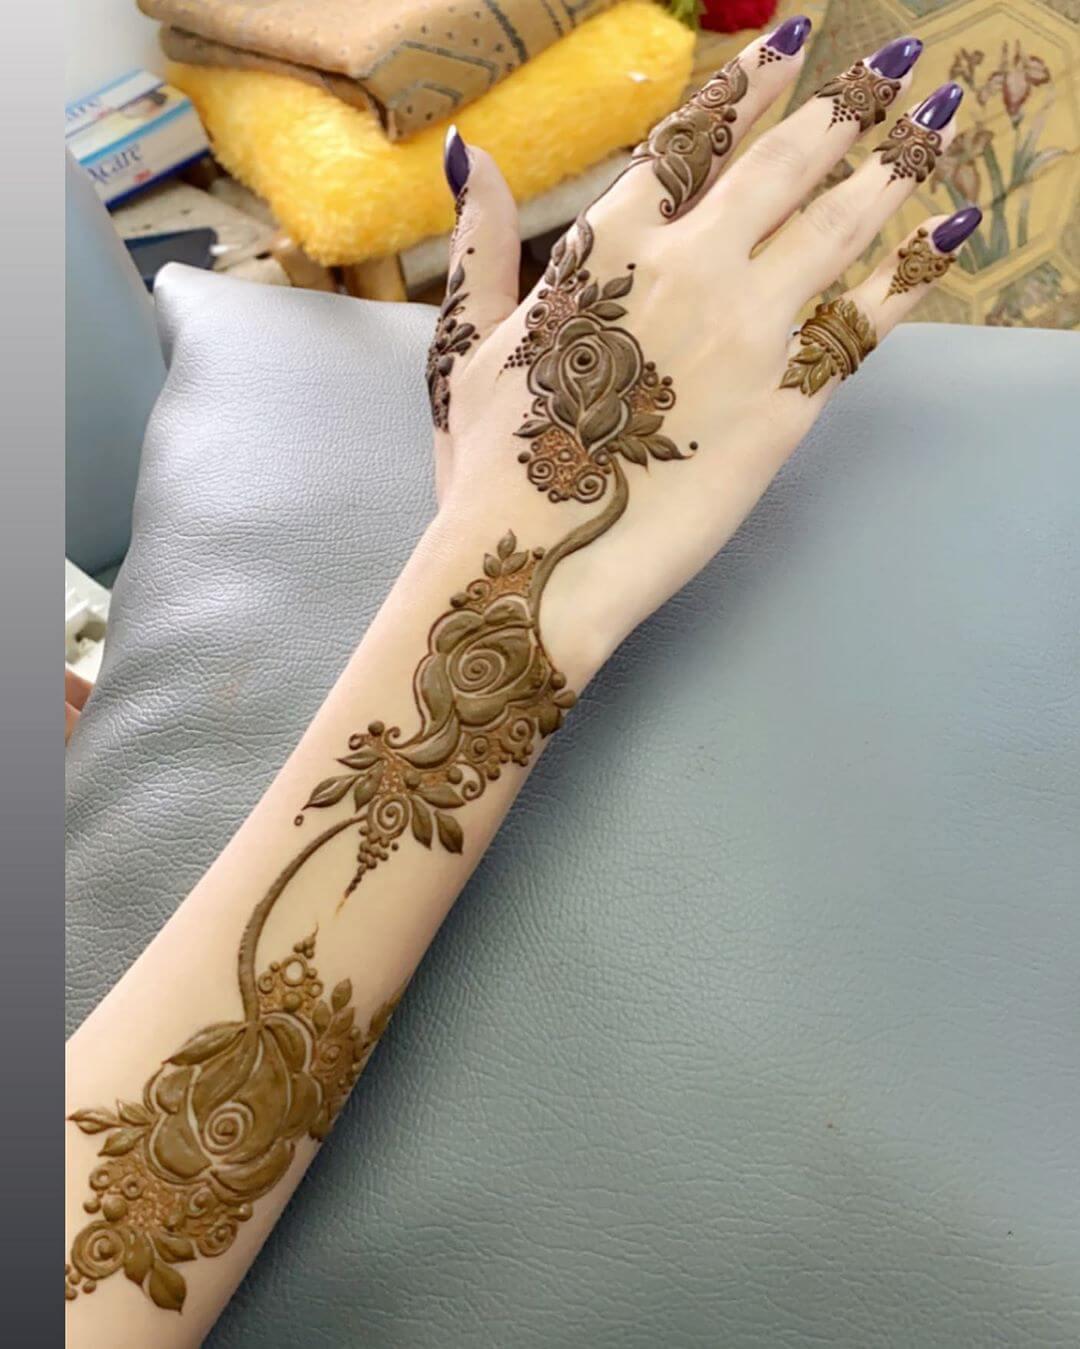 Full yet Light hand mehndi designs for back hands